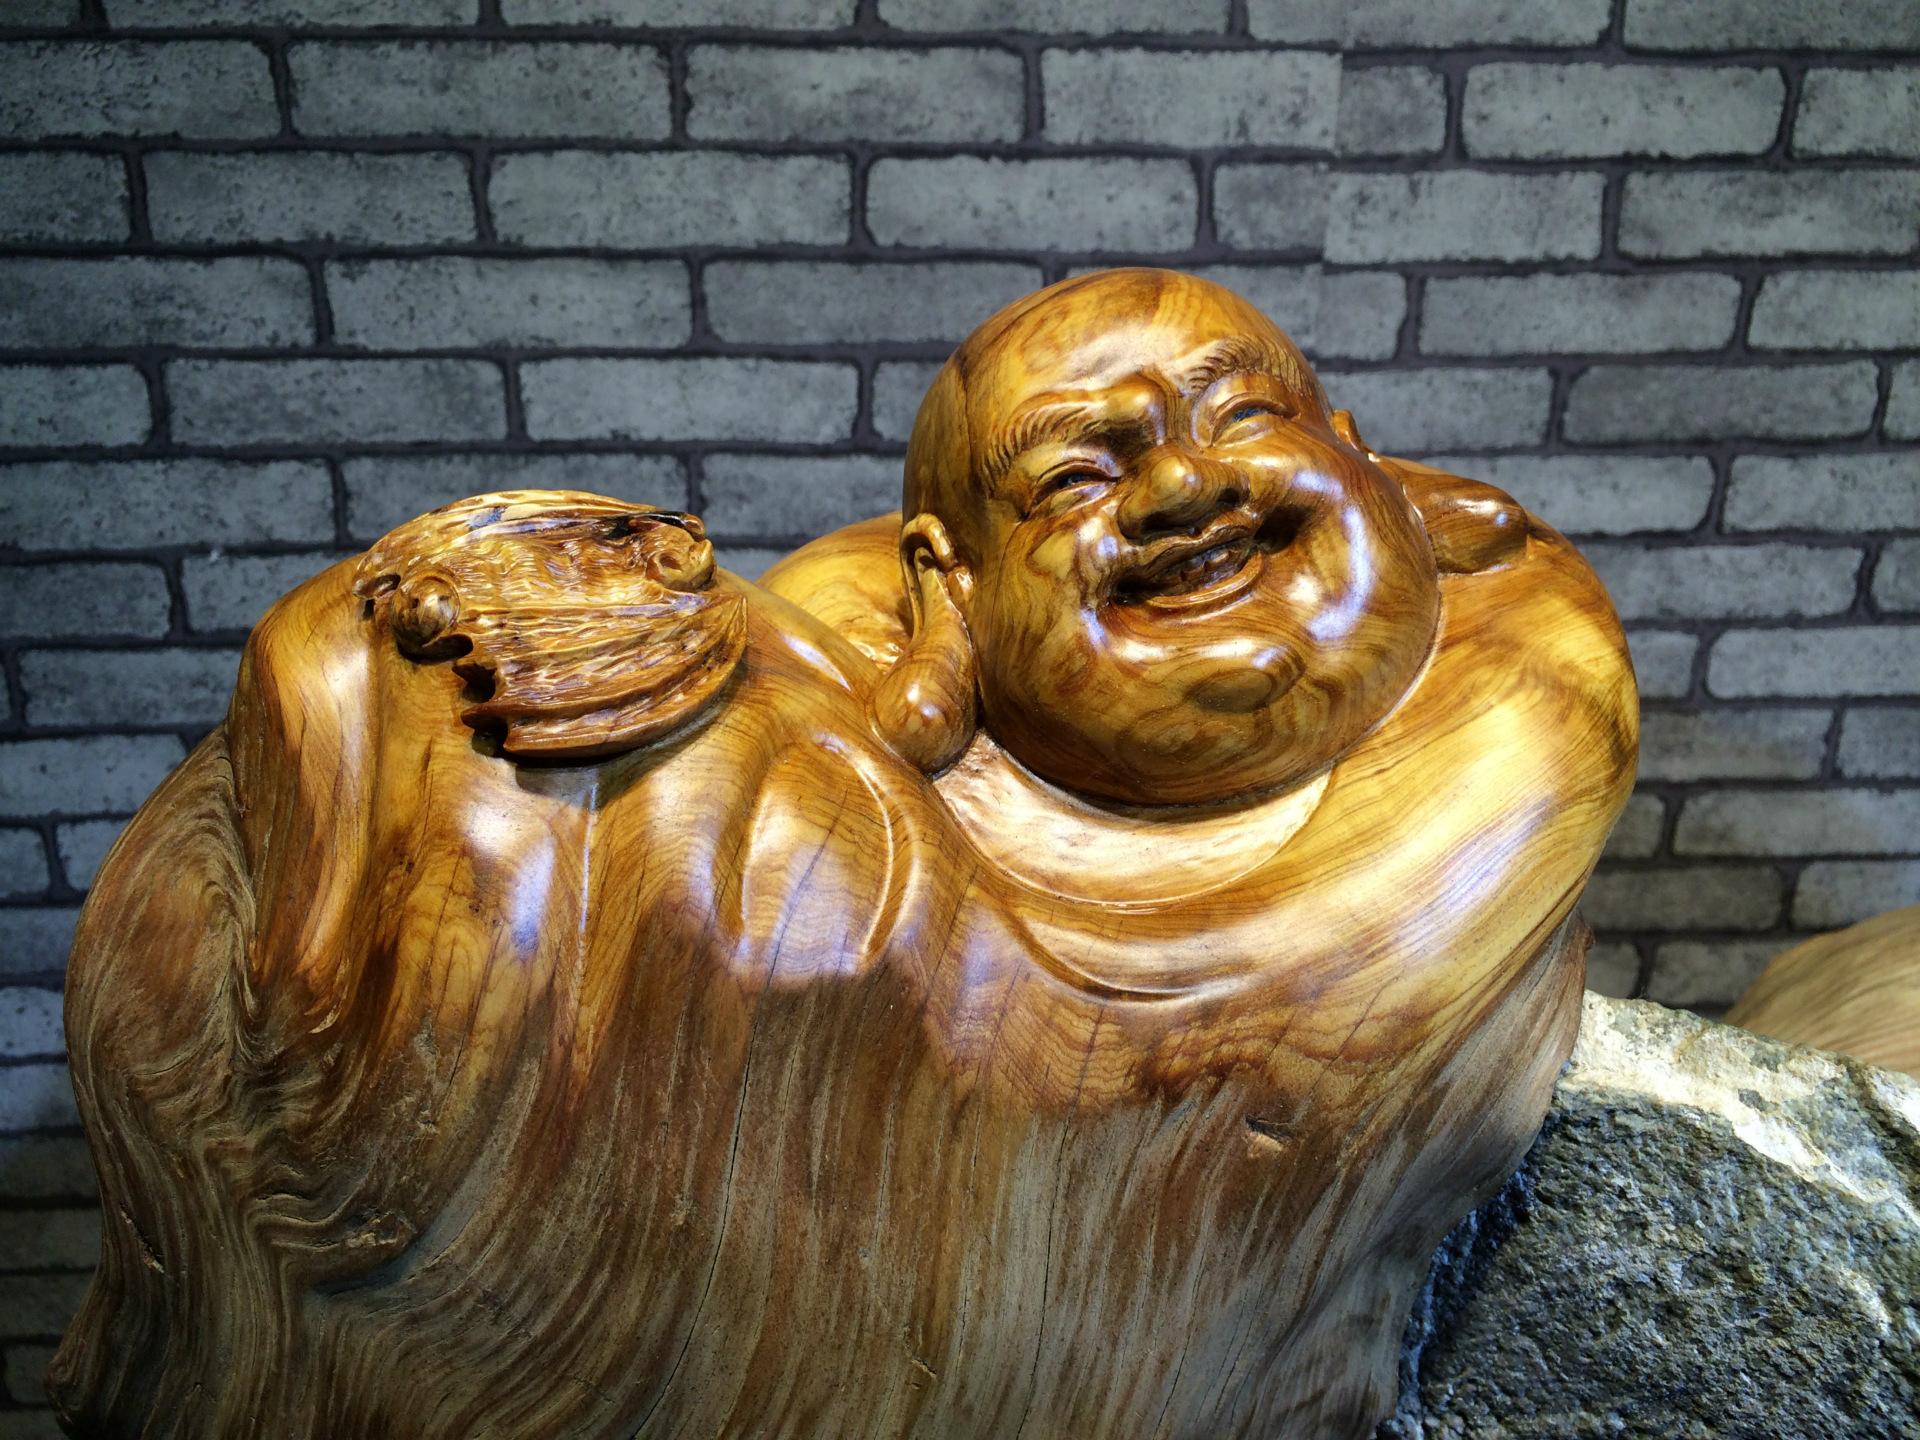 根雕抱石 崖柏根雕抱石 福寿双全弥勒佛佛像 厂家直销 阿里巴巴